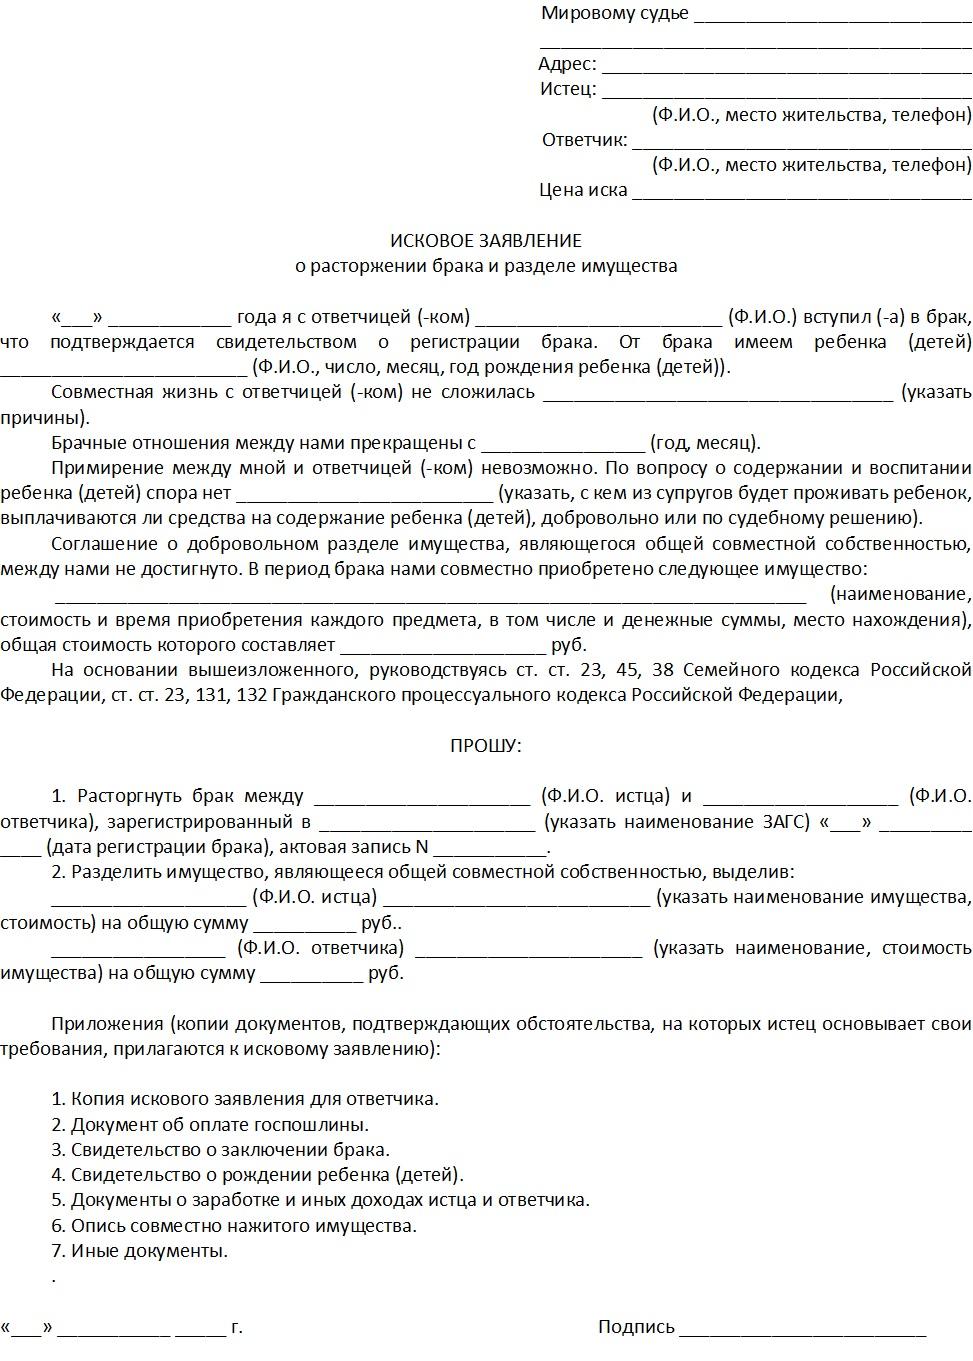 http://law-divorce.ru/wp-content/uploads/2018/02/obrazec-iskovogo-zajavlenija-o-rastorzhenii-braka-i-razdele-imushhestva.jpg